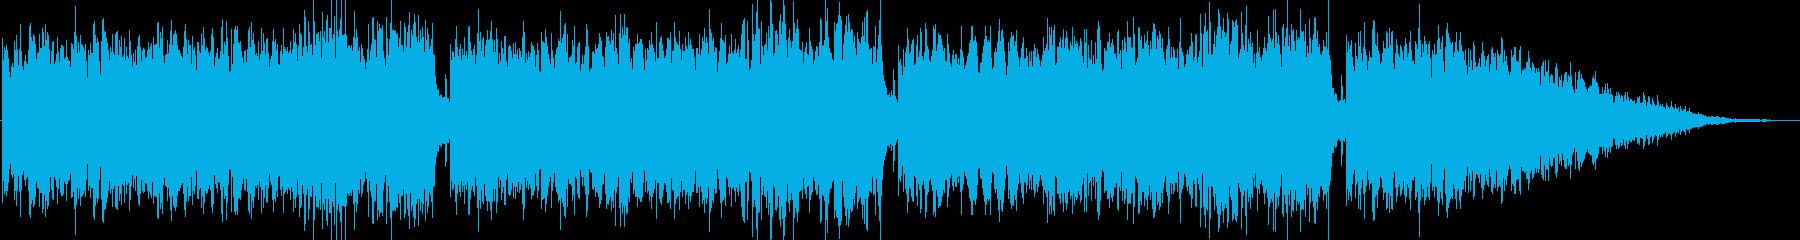 神聖な場面などで流れるピアノ曲の再生済みの波形